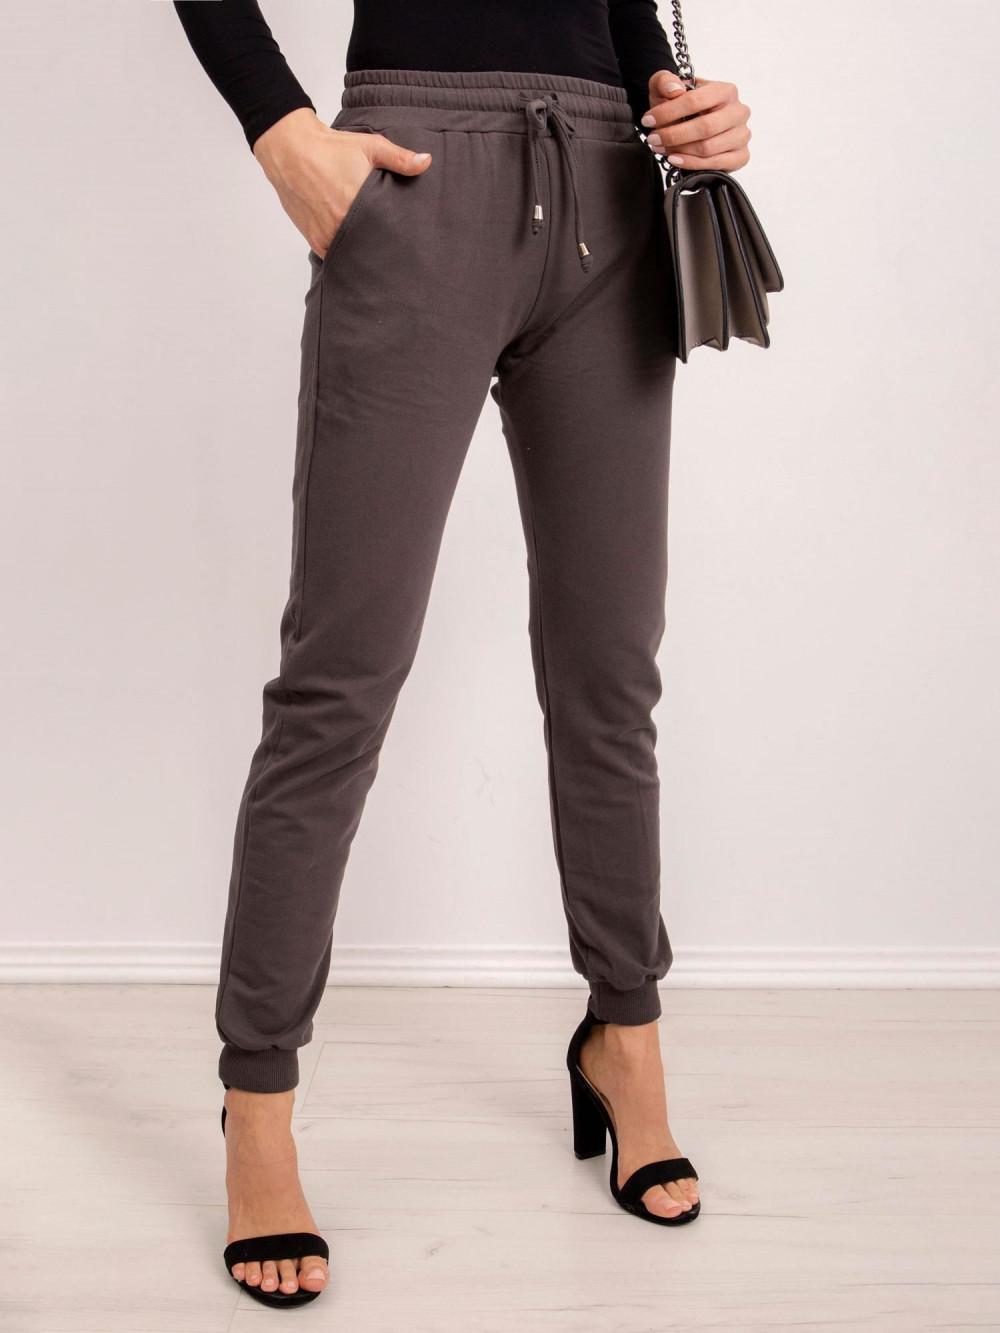 Khaki spodnie dresowe ze ściągaczami Lilo 3